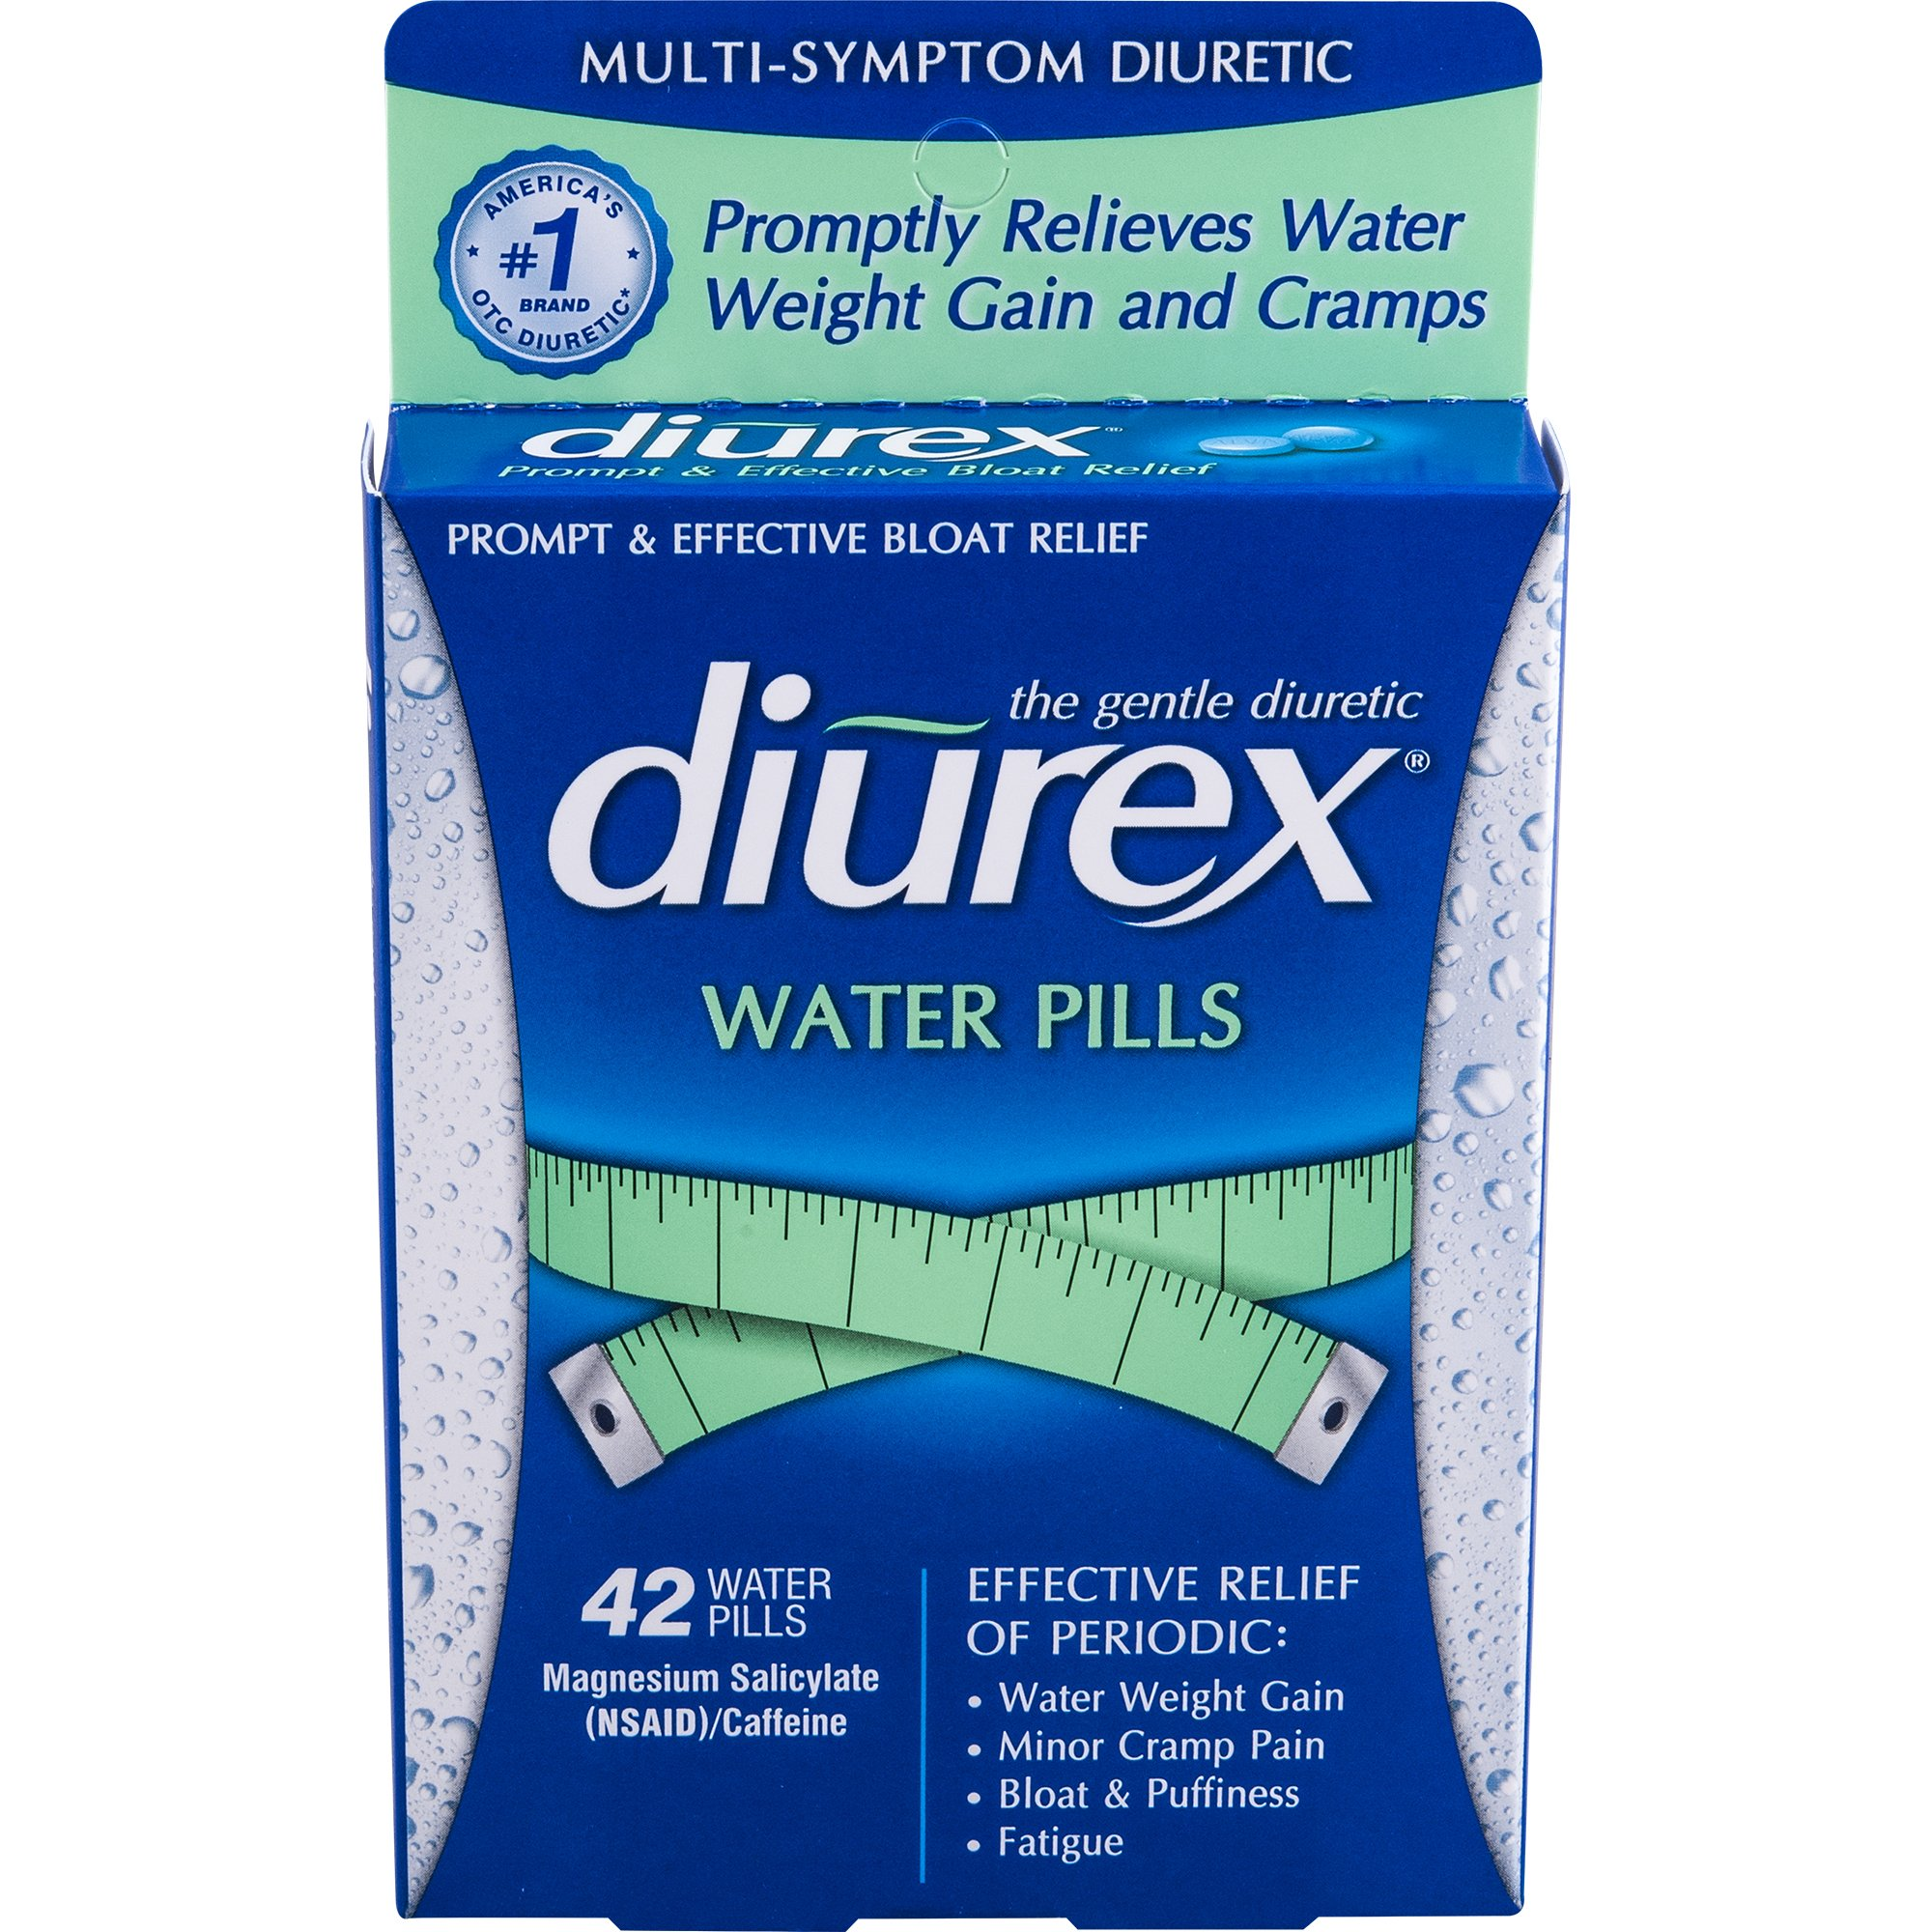 Diurex Water Pills, 42 Count Pills (Pack of 3)